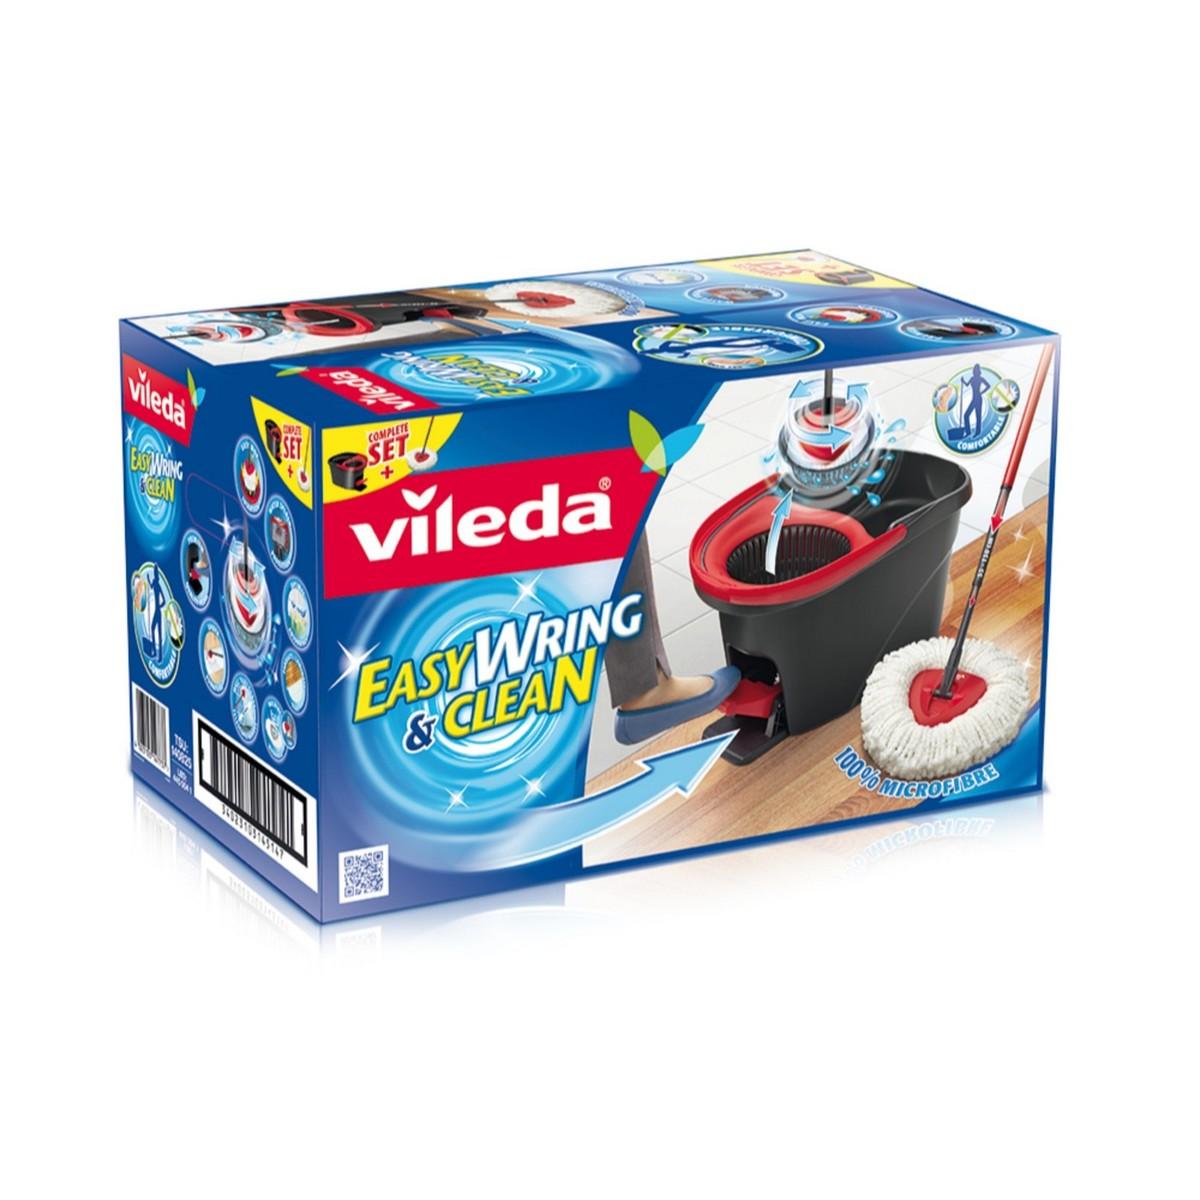 Buy Vileda Easy Wring Clean Spin Mop Rotating Mop 1